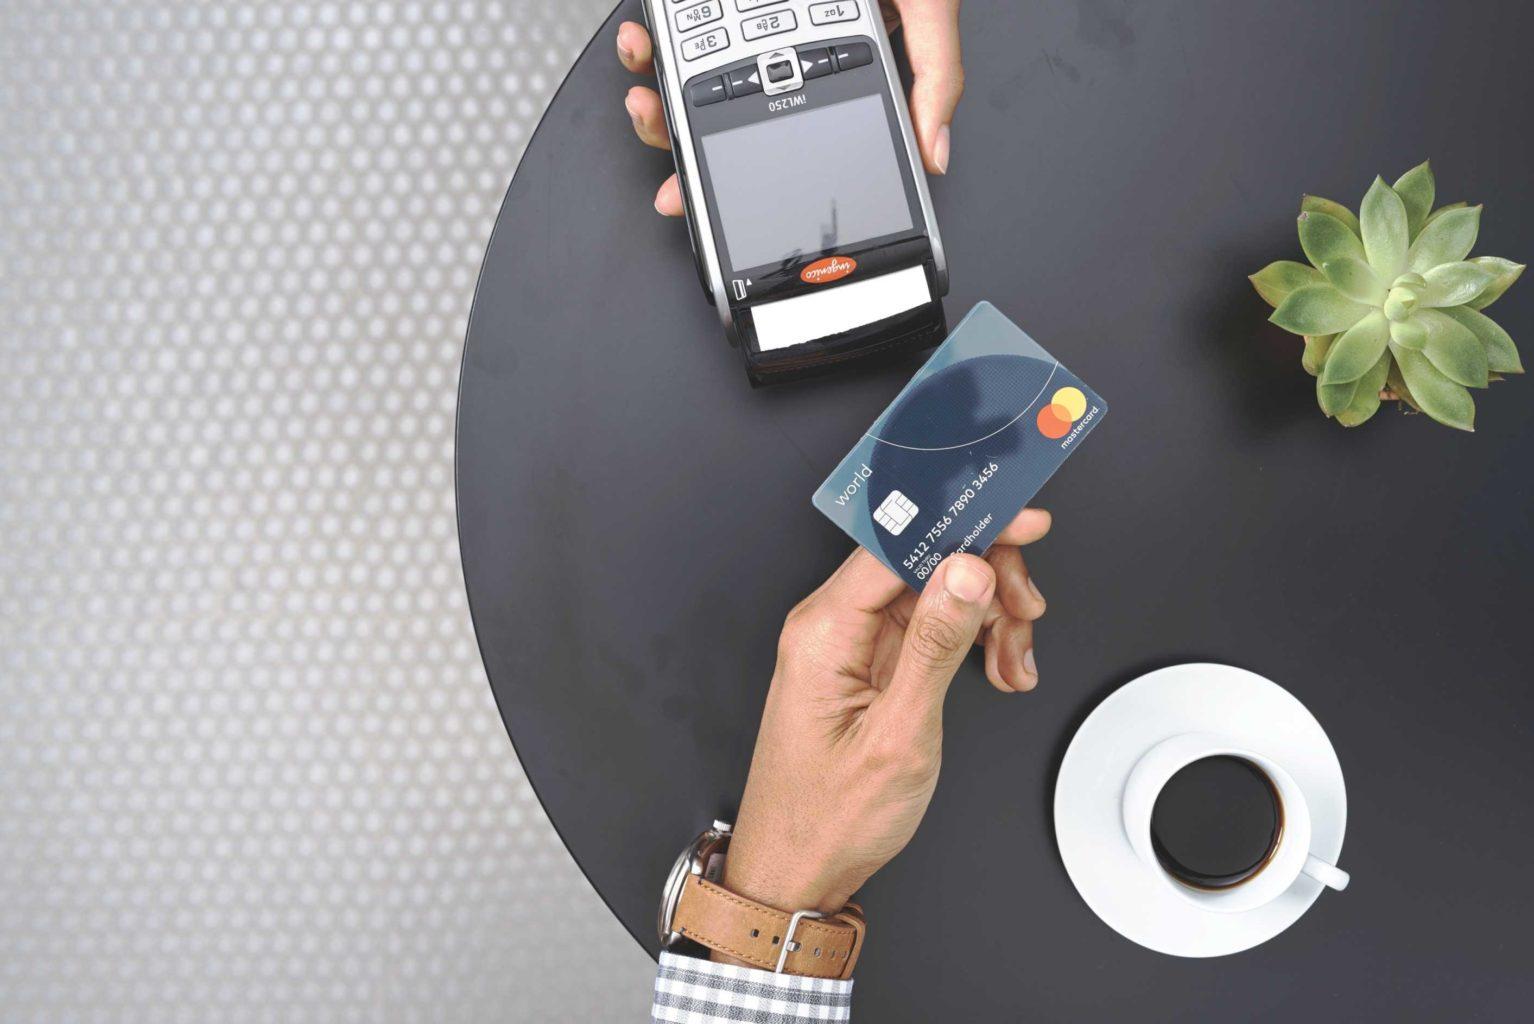 d74c16034 Badanie Mastercard: Płatności kartą pomagają MŚP przyciągnąć klientów i  rozwijać biznes